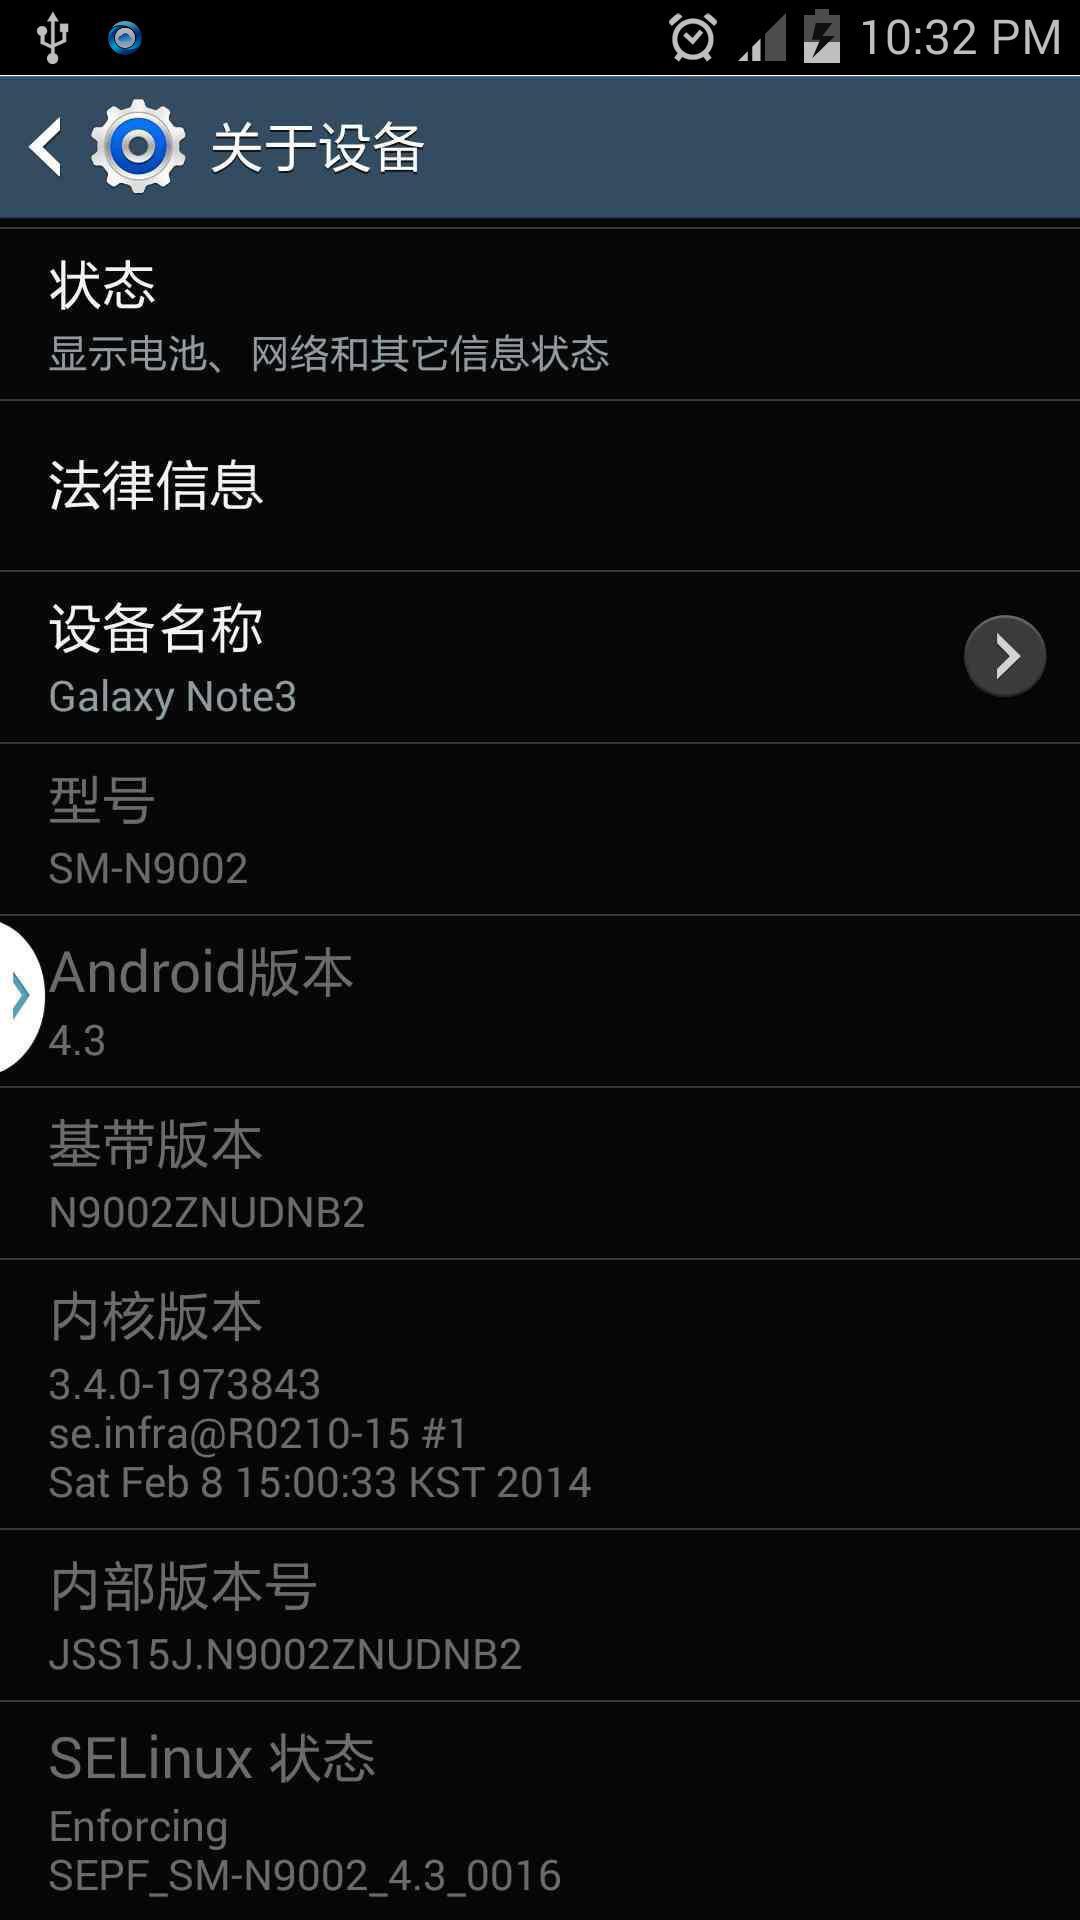 三星 Galaxy Note 3(N9002) 刷机包 完整官方4.3纯净版ROM刷机包截图